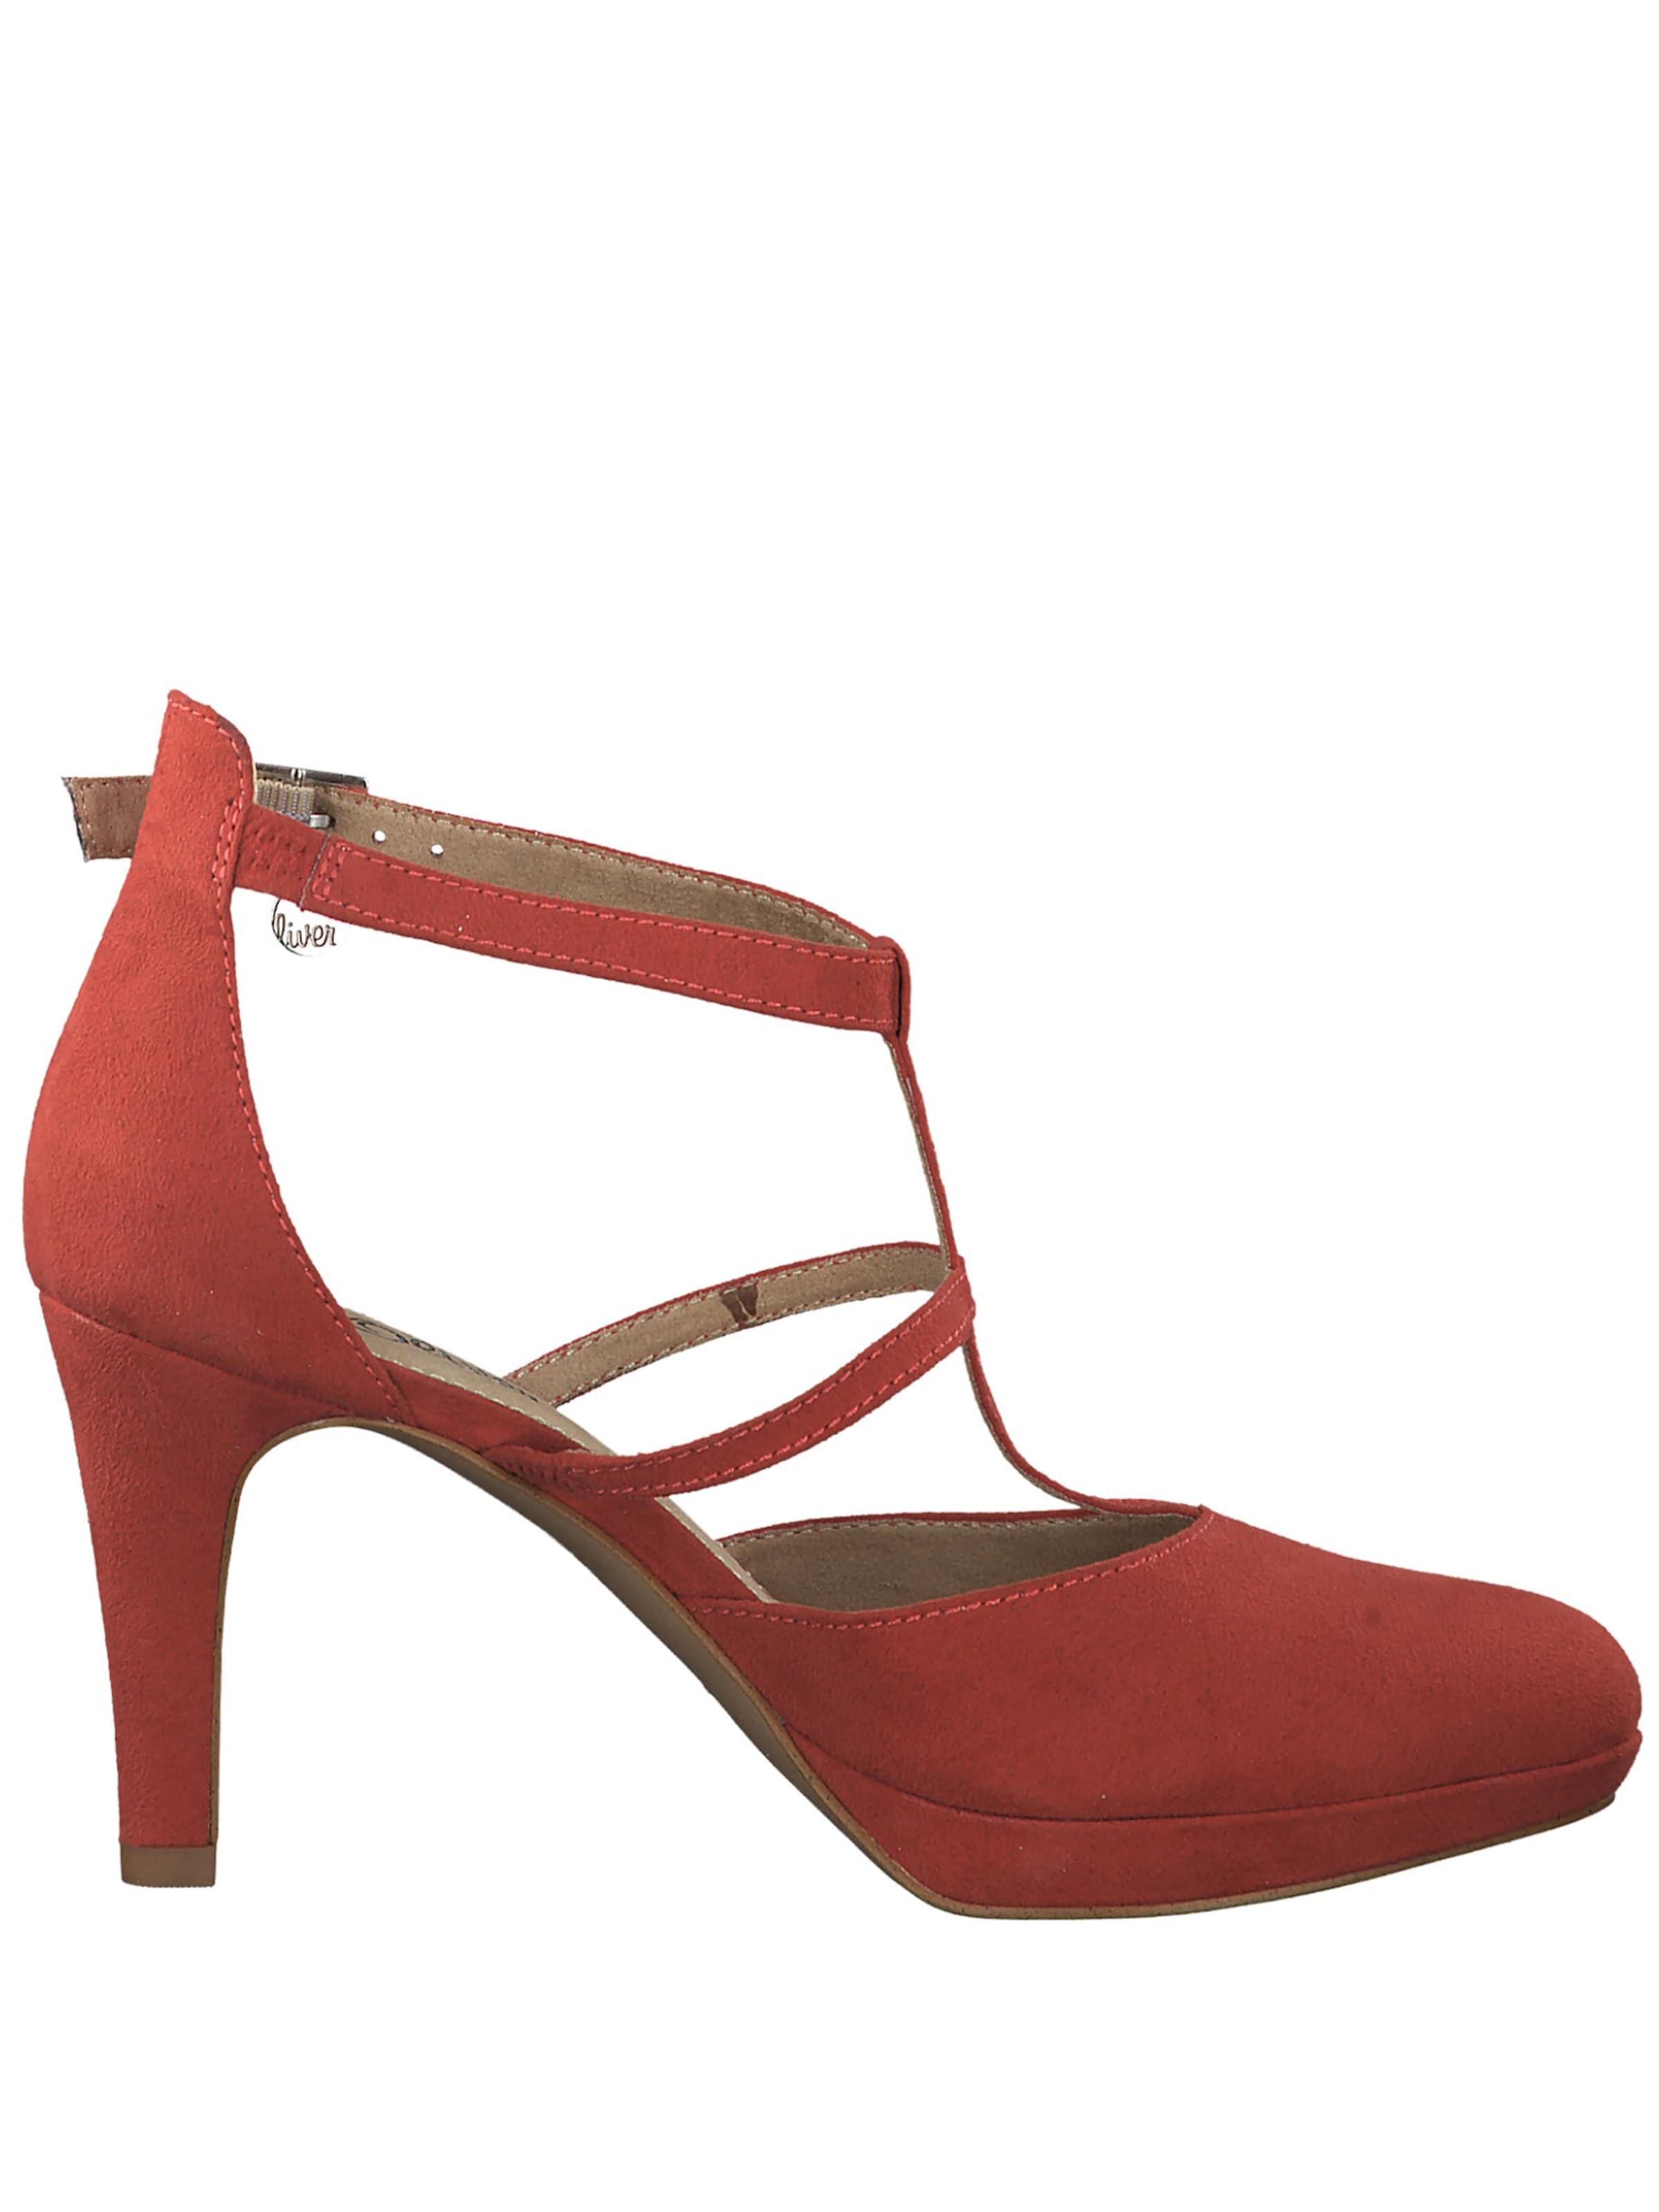 Red Rouge oliver S En Escarpins Bride Label À Arrière c5AjqR43LS